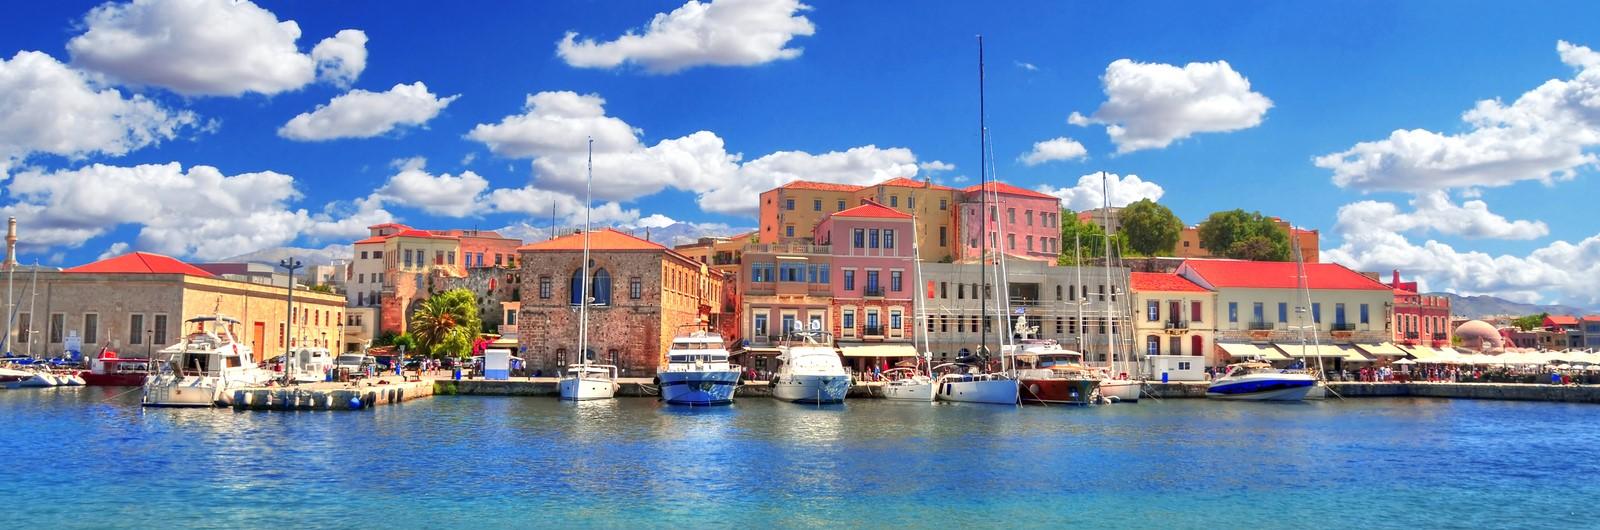 crete city header